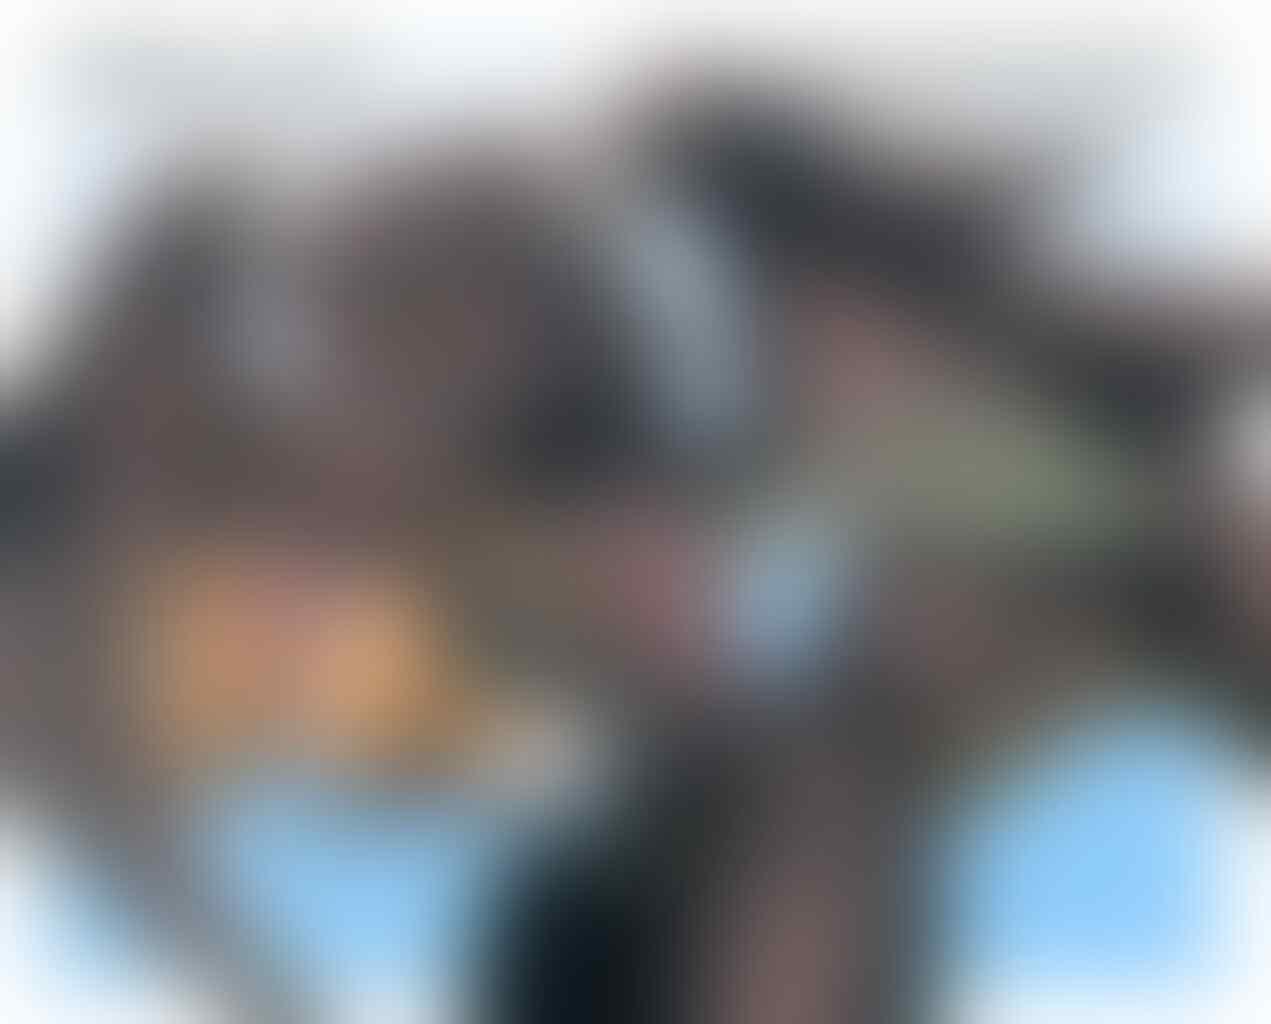 [ULASAN] Monster Hunter Rise, Hadir Kembali Dengan Grafik Halus Tanpa Gangguan